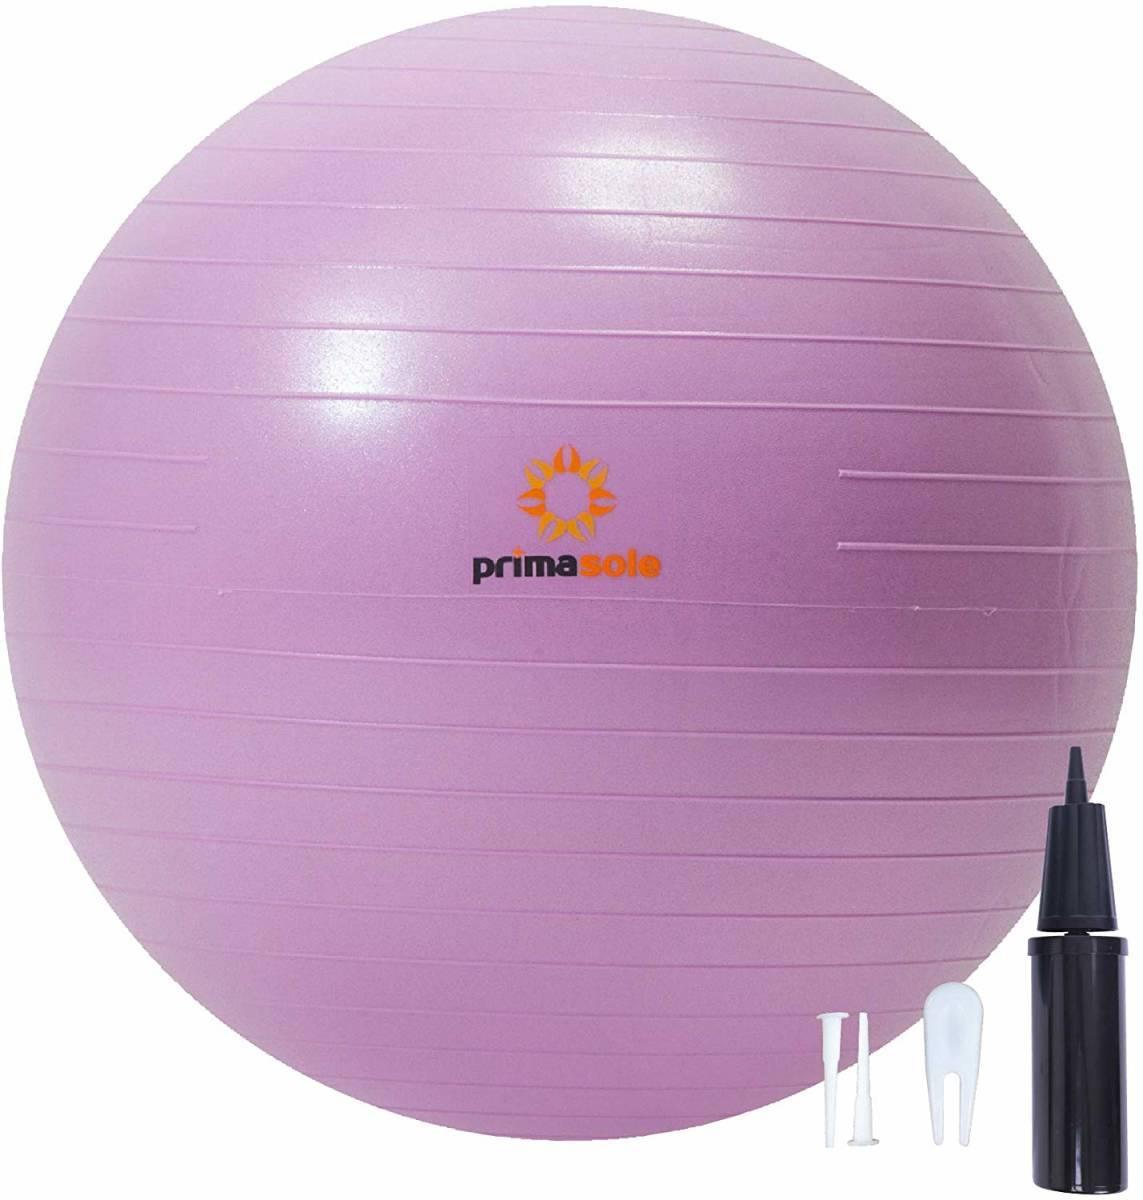 【限定ブランド】プリマソーレ(primasole) フィットネスボール 【45cm】空気入れ付き バランスボール フィットネス ピラティス